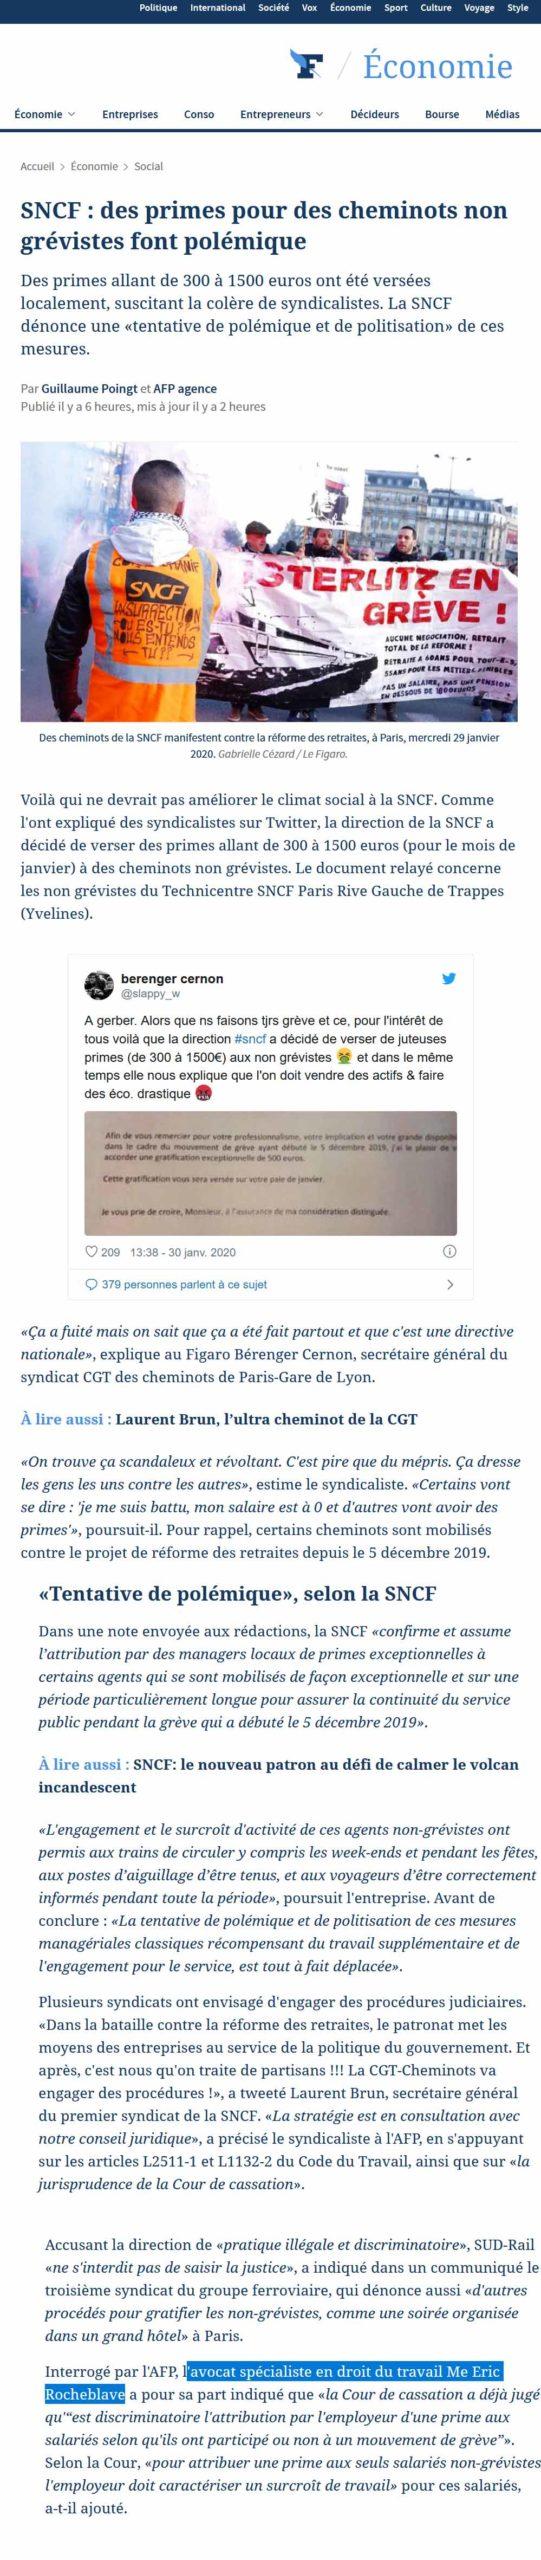 SNCF-primes-non-grévistes